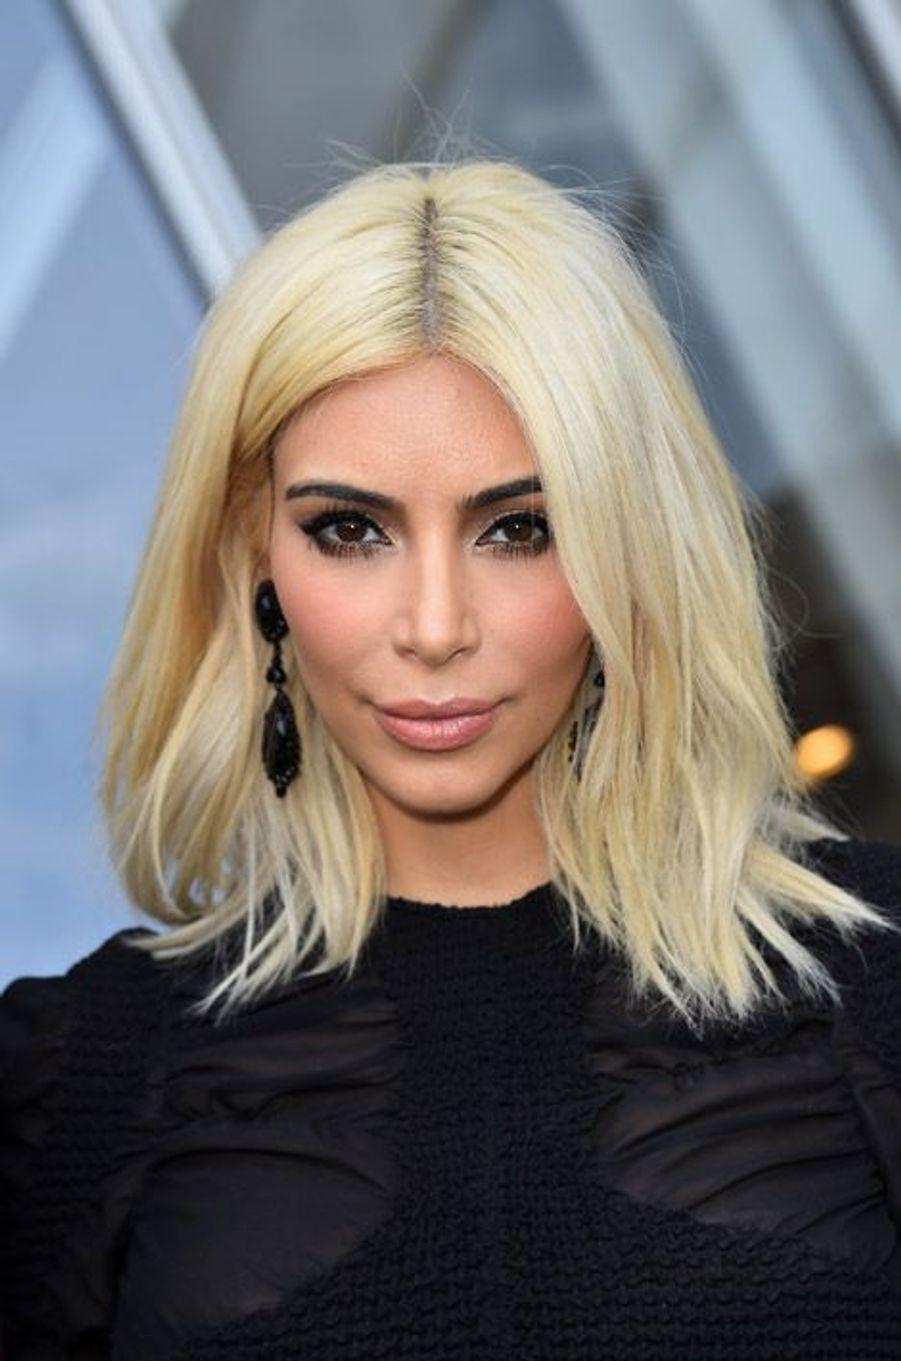 La star de la téléréalité américaine, Kim Kardashian et son carré long péroxydé